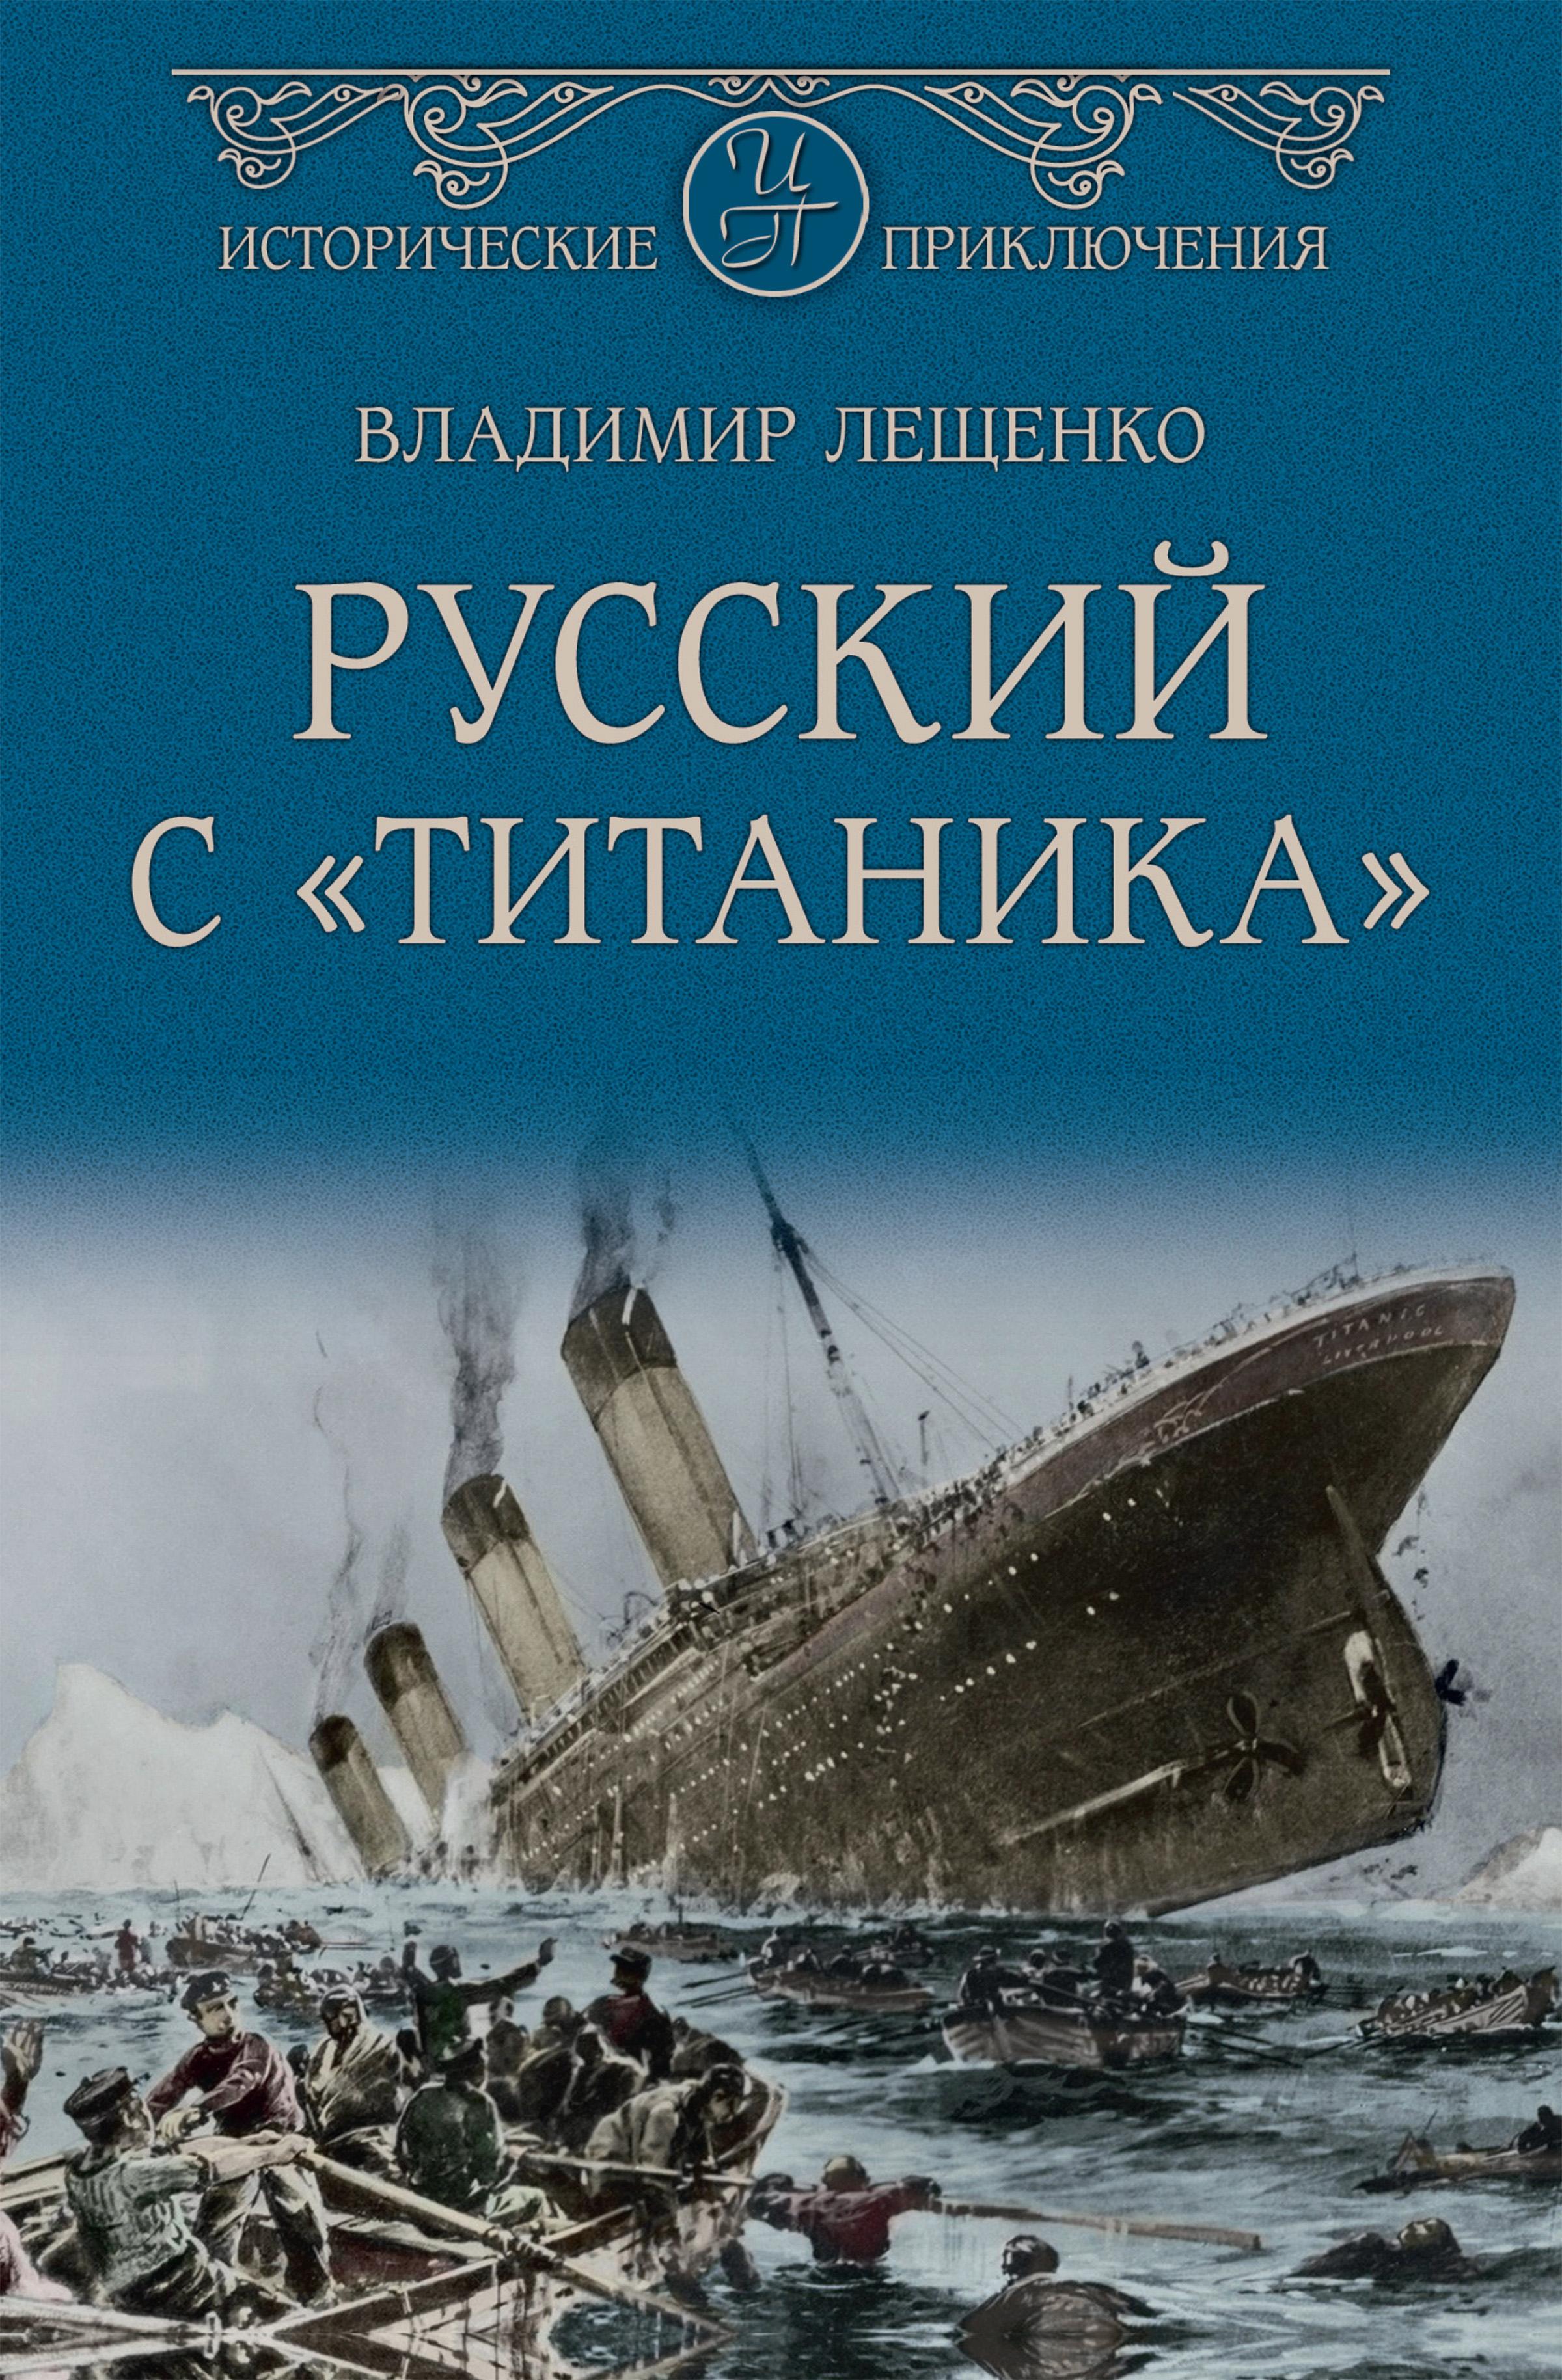 Купить книгу Русский с «Титаника», автора Владимира Лещенко